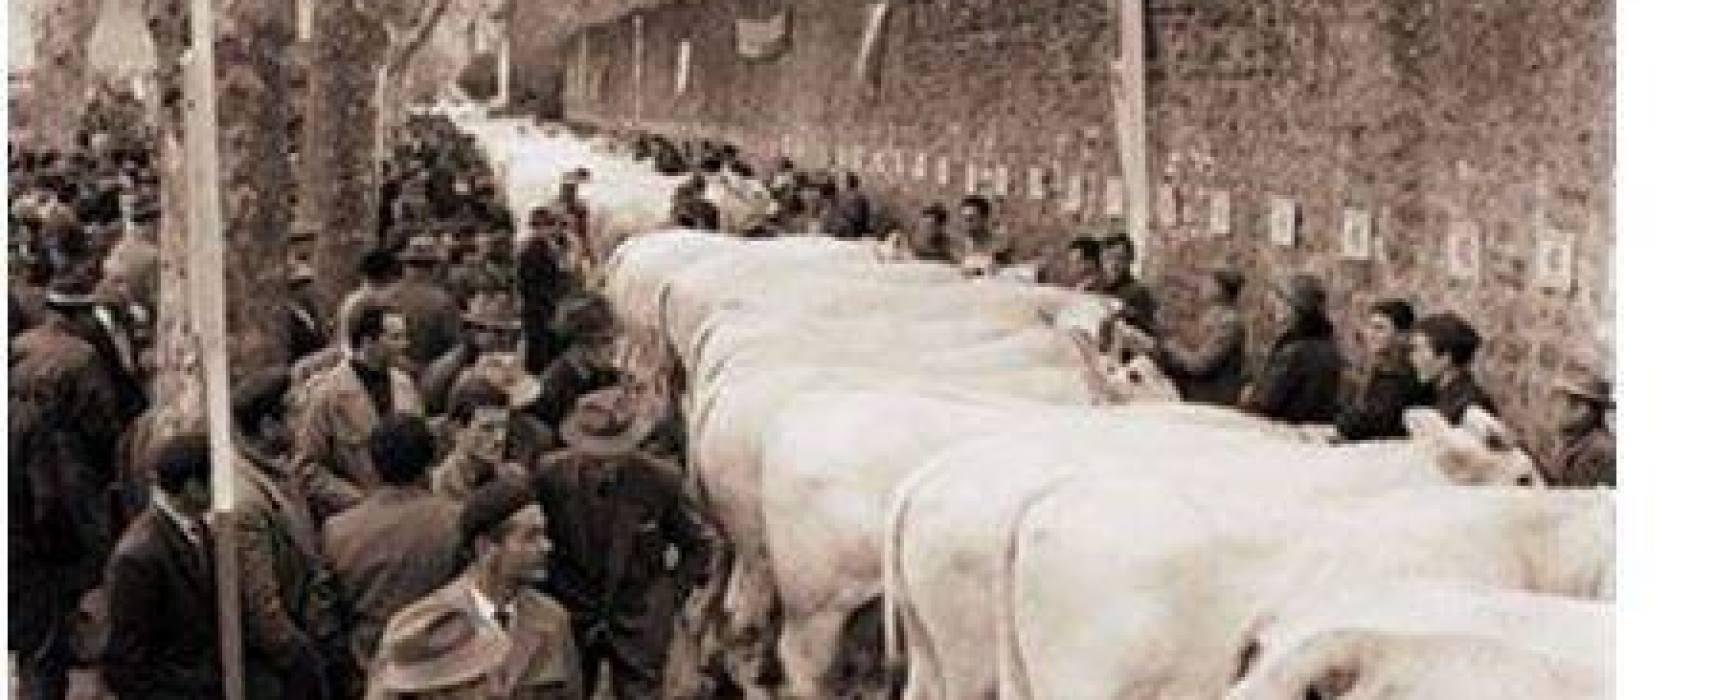 Le Fiere d'Autunno riempivano ogni Foro Boario di grandi bovini bianchi..